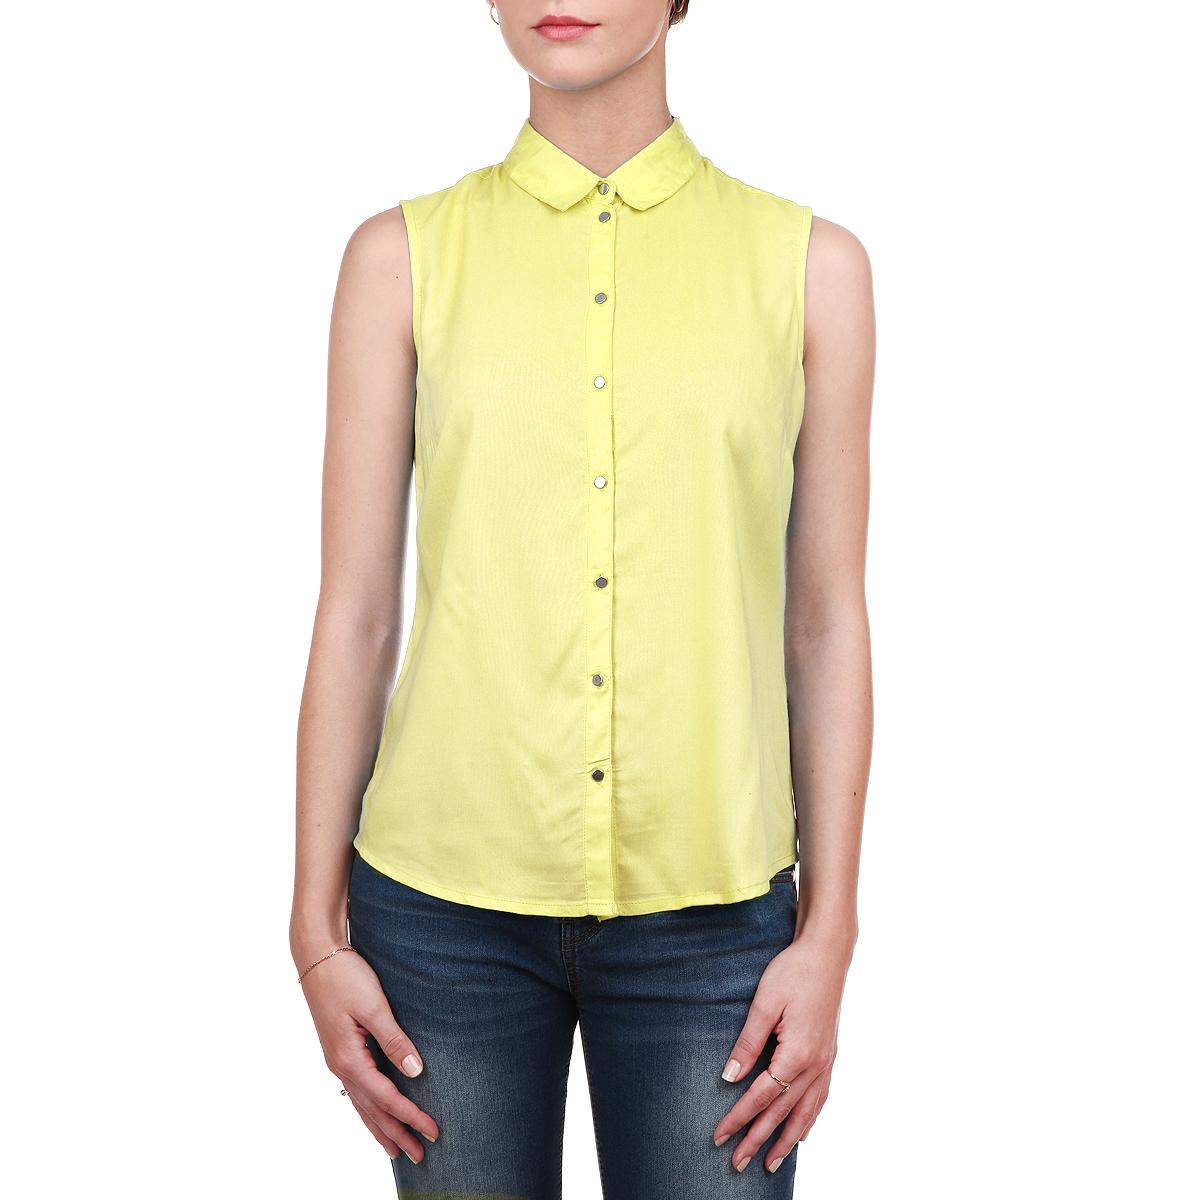 БлузкаSKS0876ZOСтильная блузка Top Secret выполнена из мягкой вискозы, очень приятной на ощупь. Модель прямого кроя с отложным воротником, полукруглым низом и без рукавов. Изделие застегивается на пуговицы по всей длине. Модная блузка займет достойное место в вашем гардеробе.